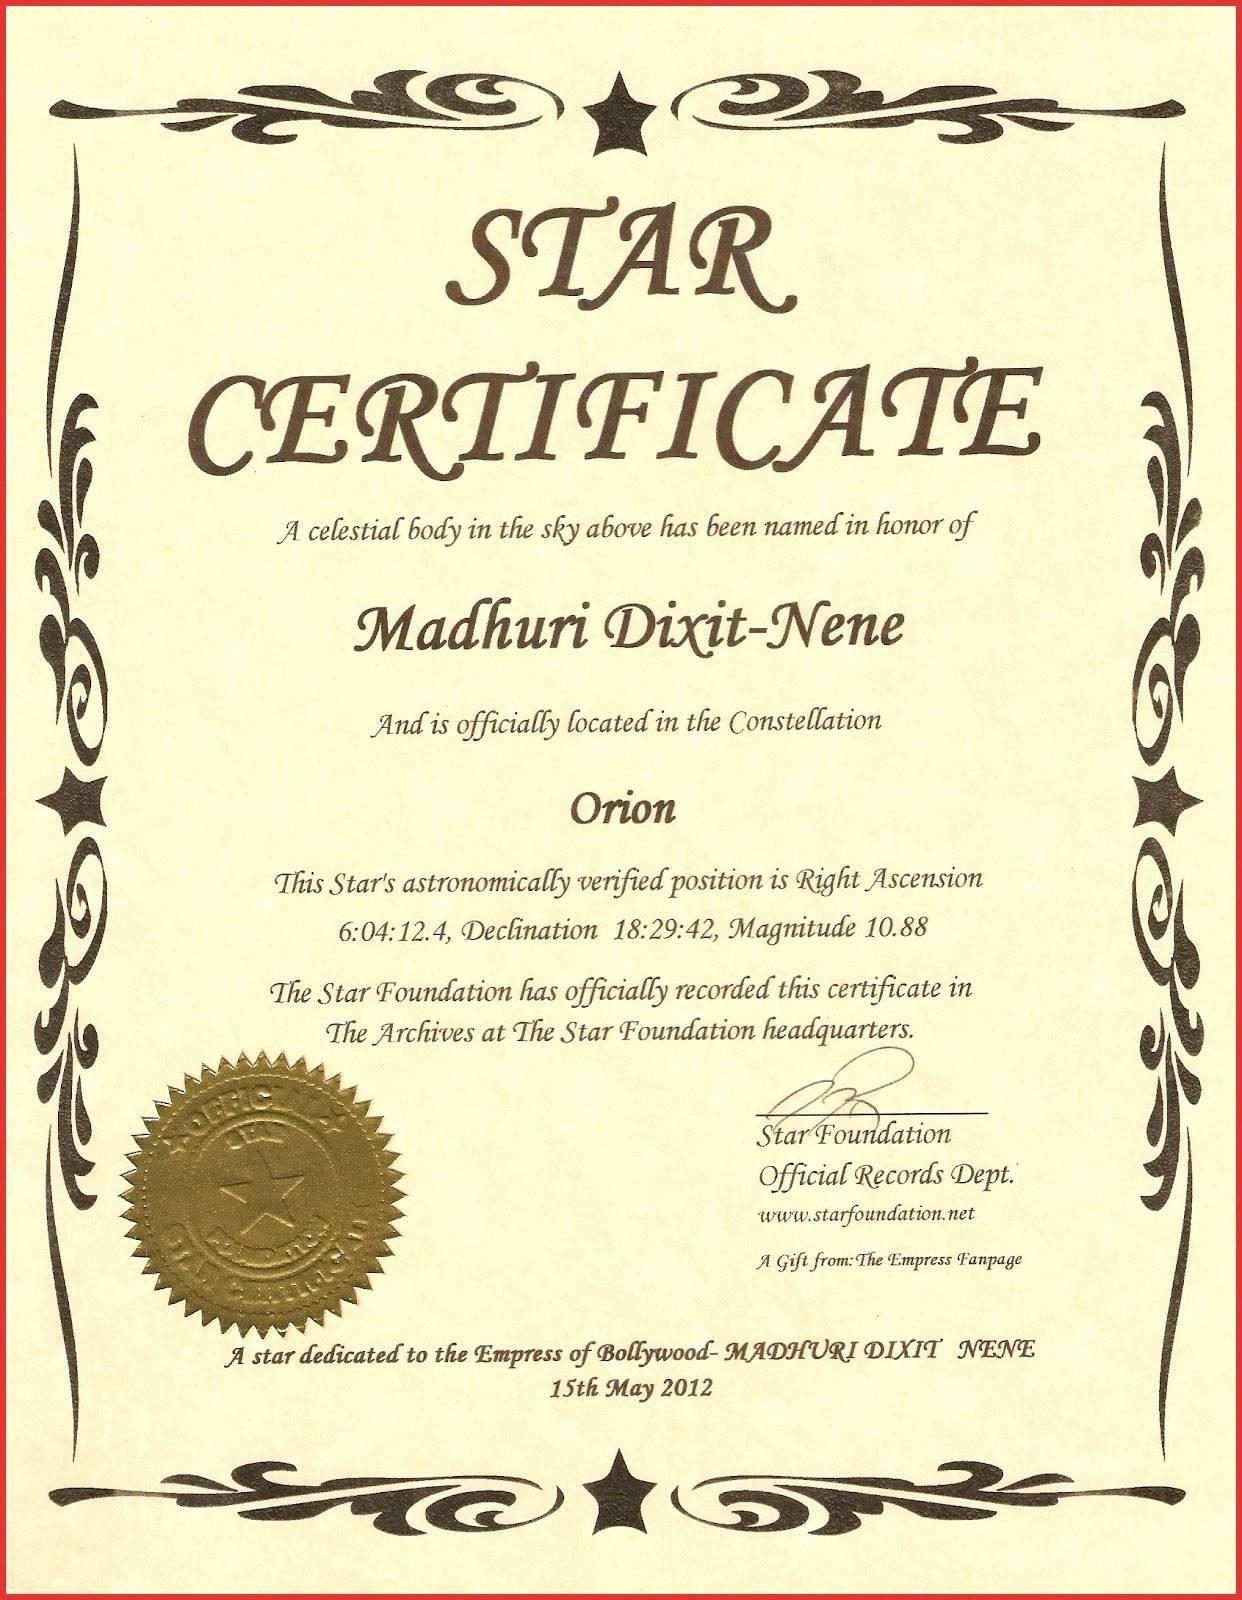 Star Naming Certificate Template  Bizoptimizer For Star Naming Certificate Template